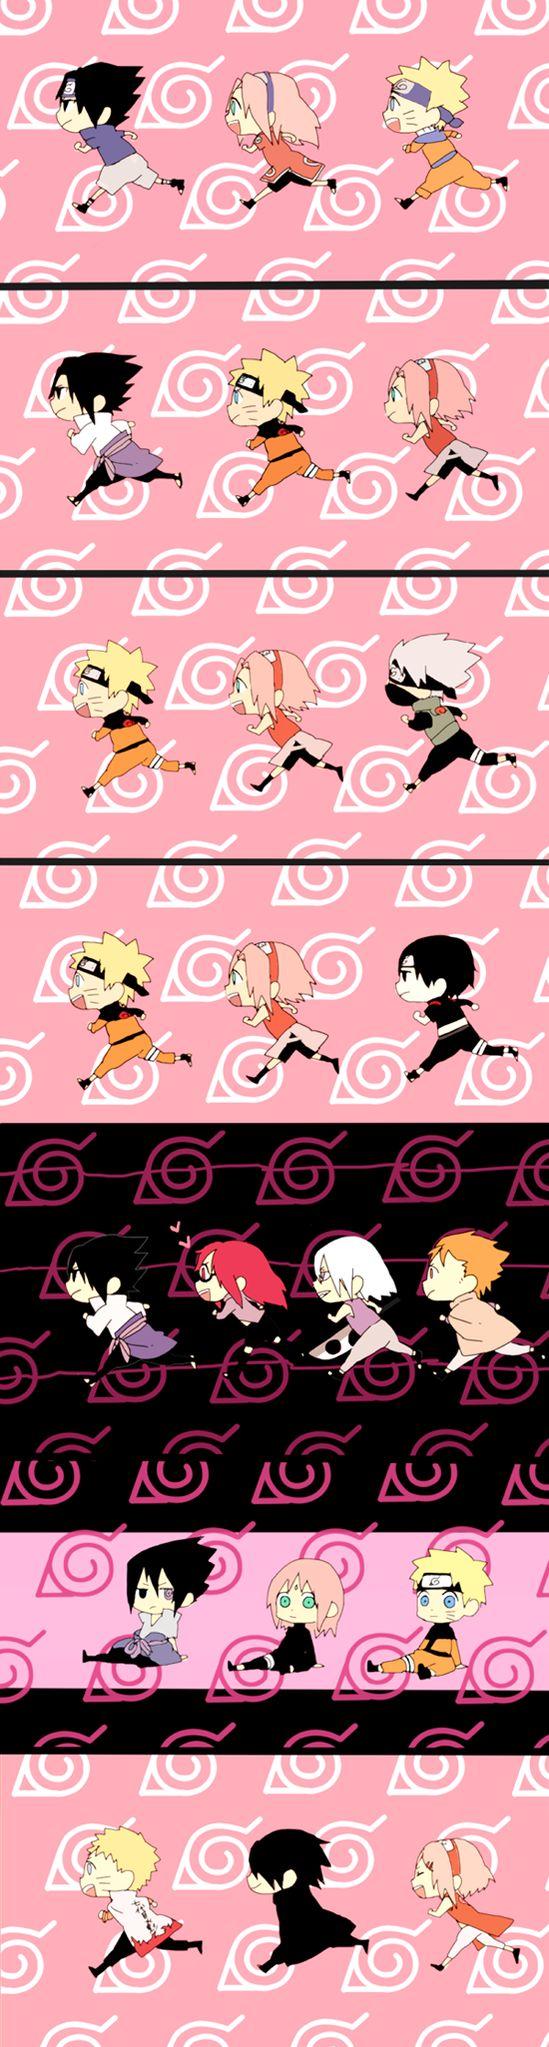 Naruto [by https://twitter.com/m0_ko].